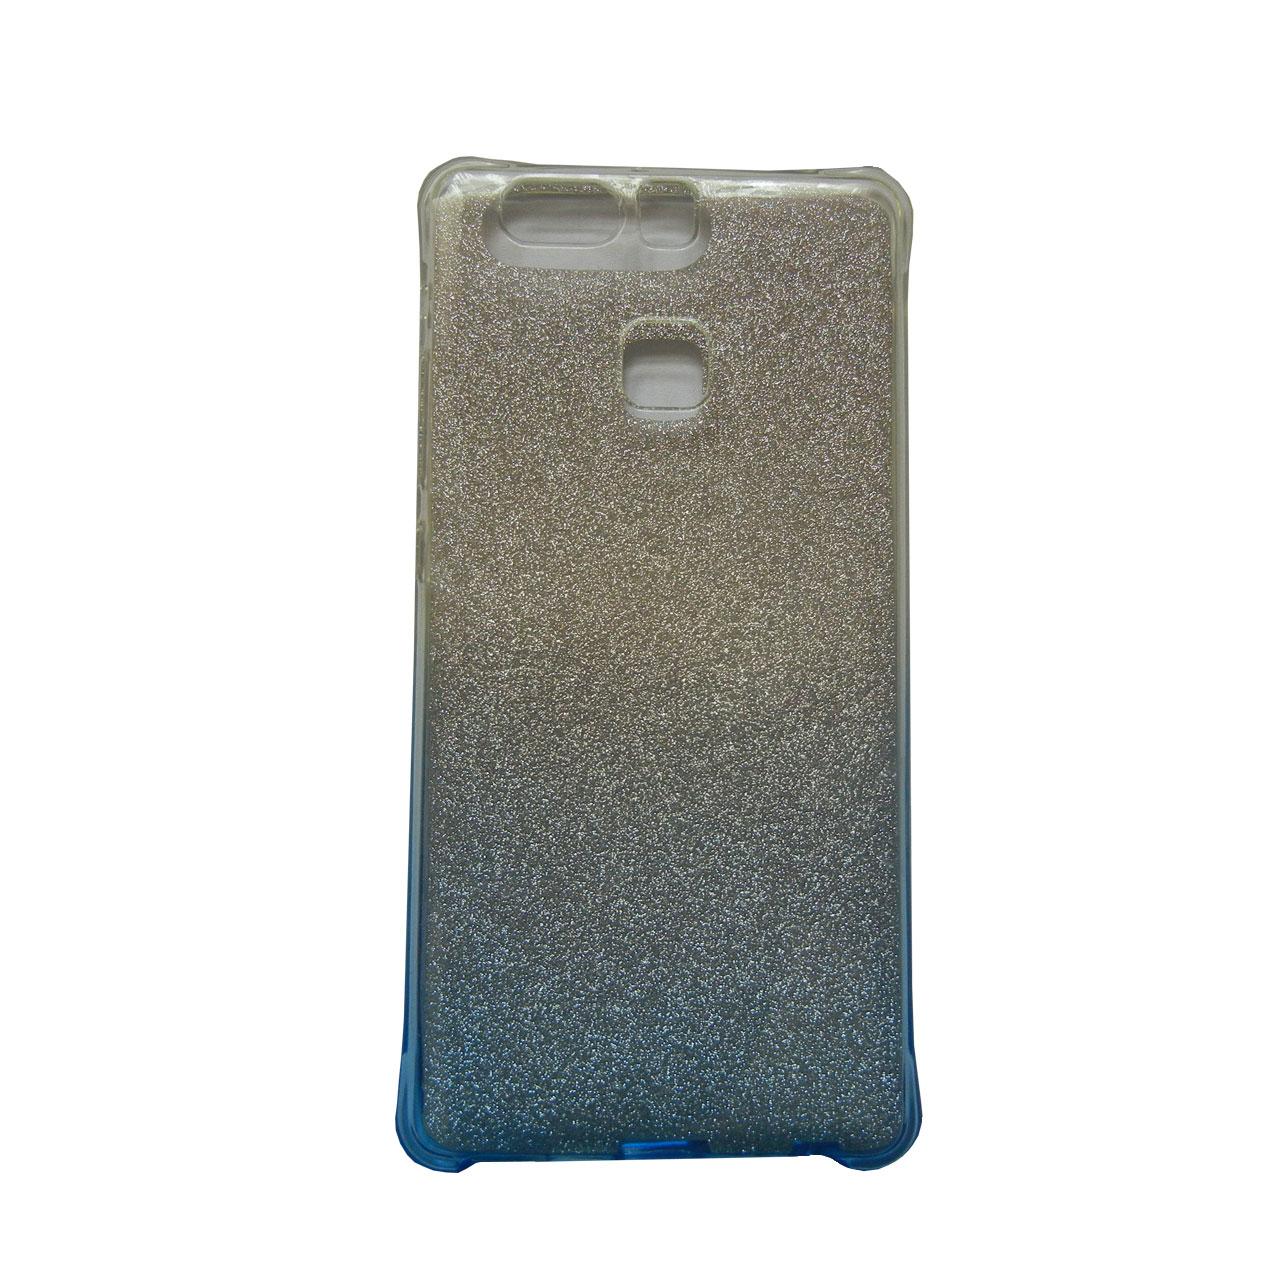 کاور مدل m 8 مناسب برای گوشی موبایل هووایی G8 mini